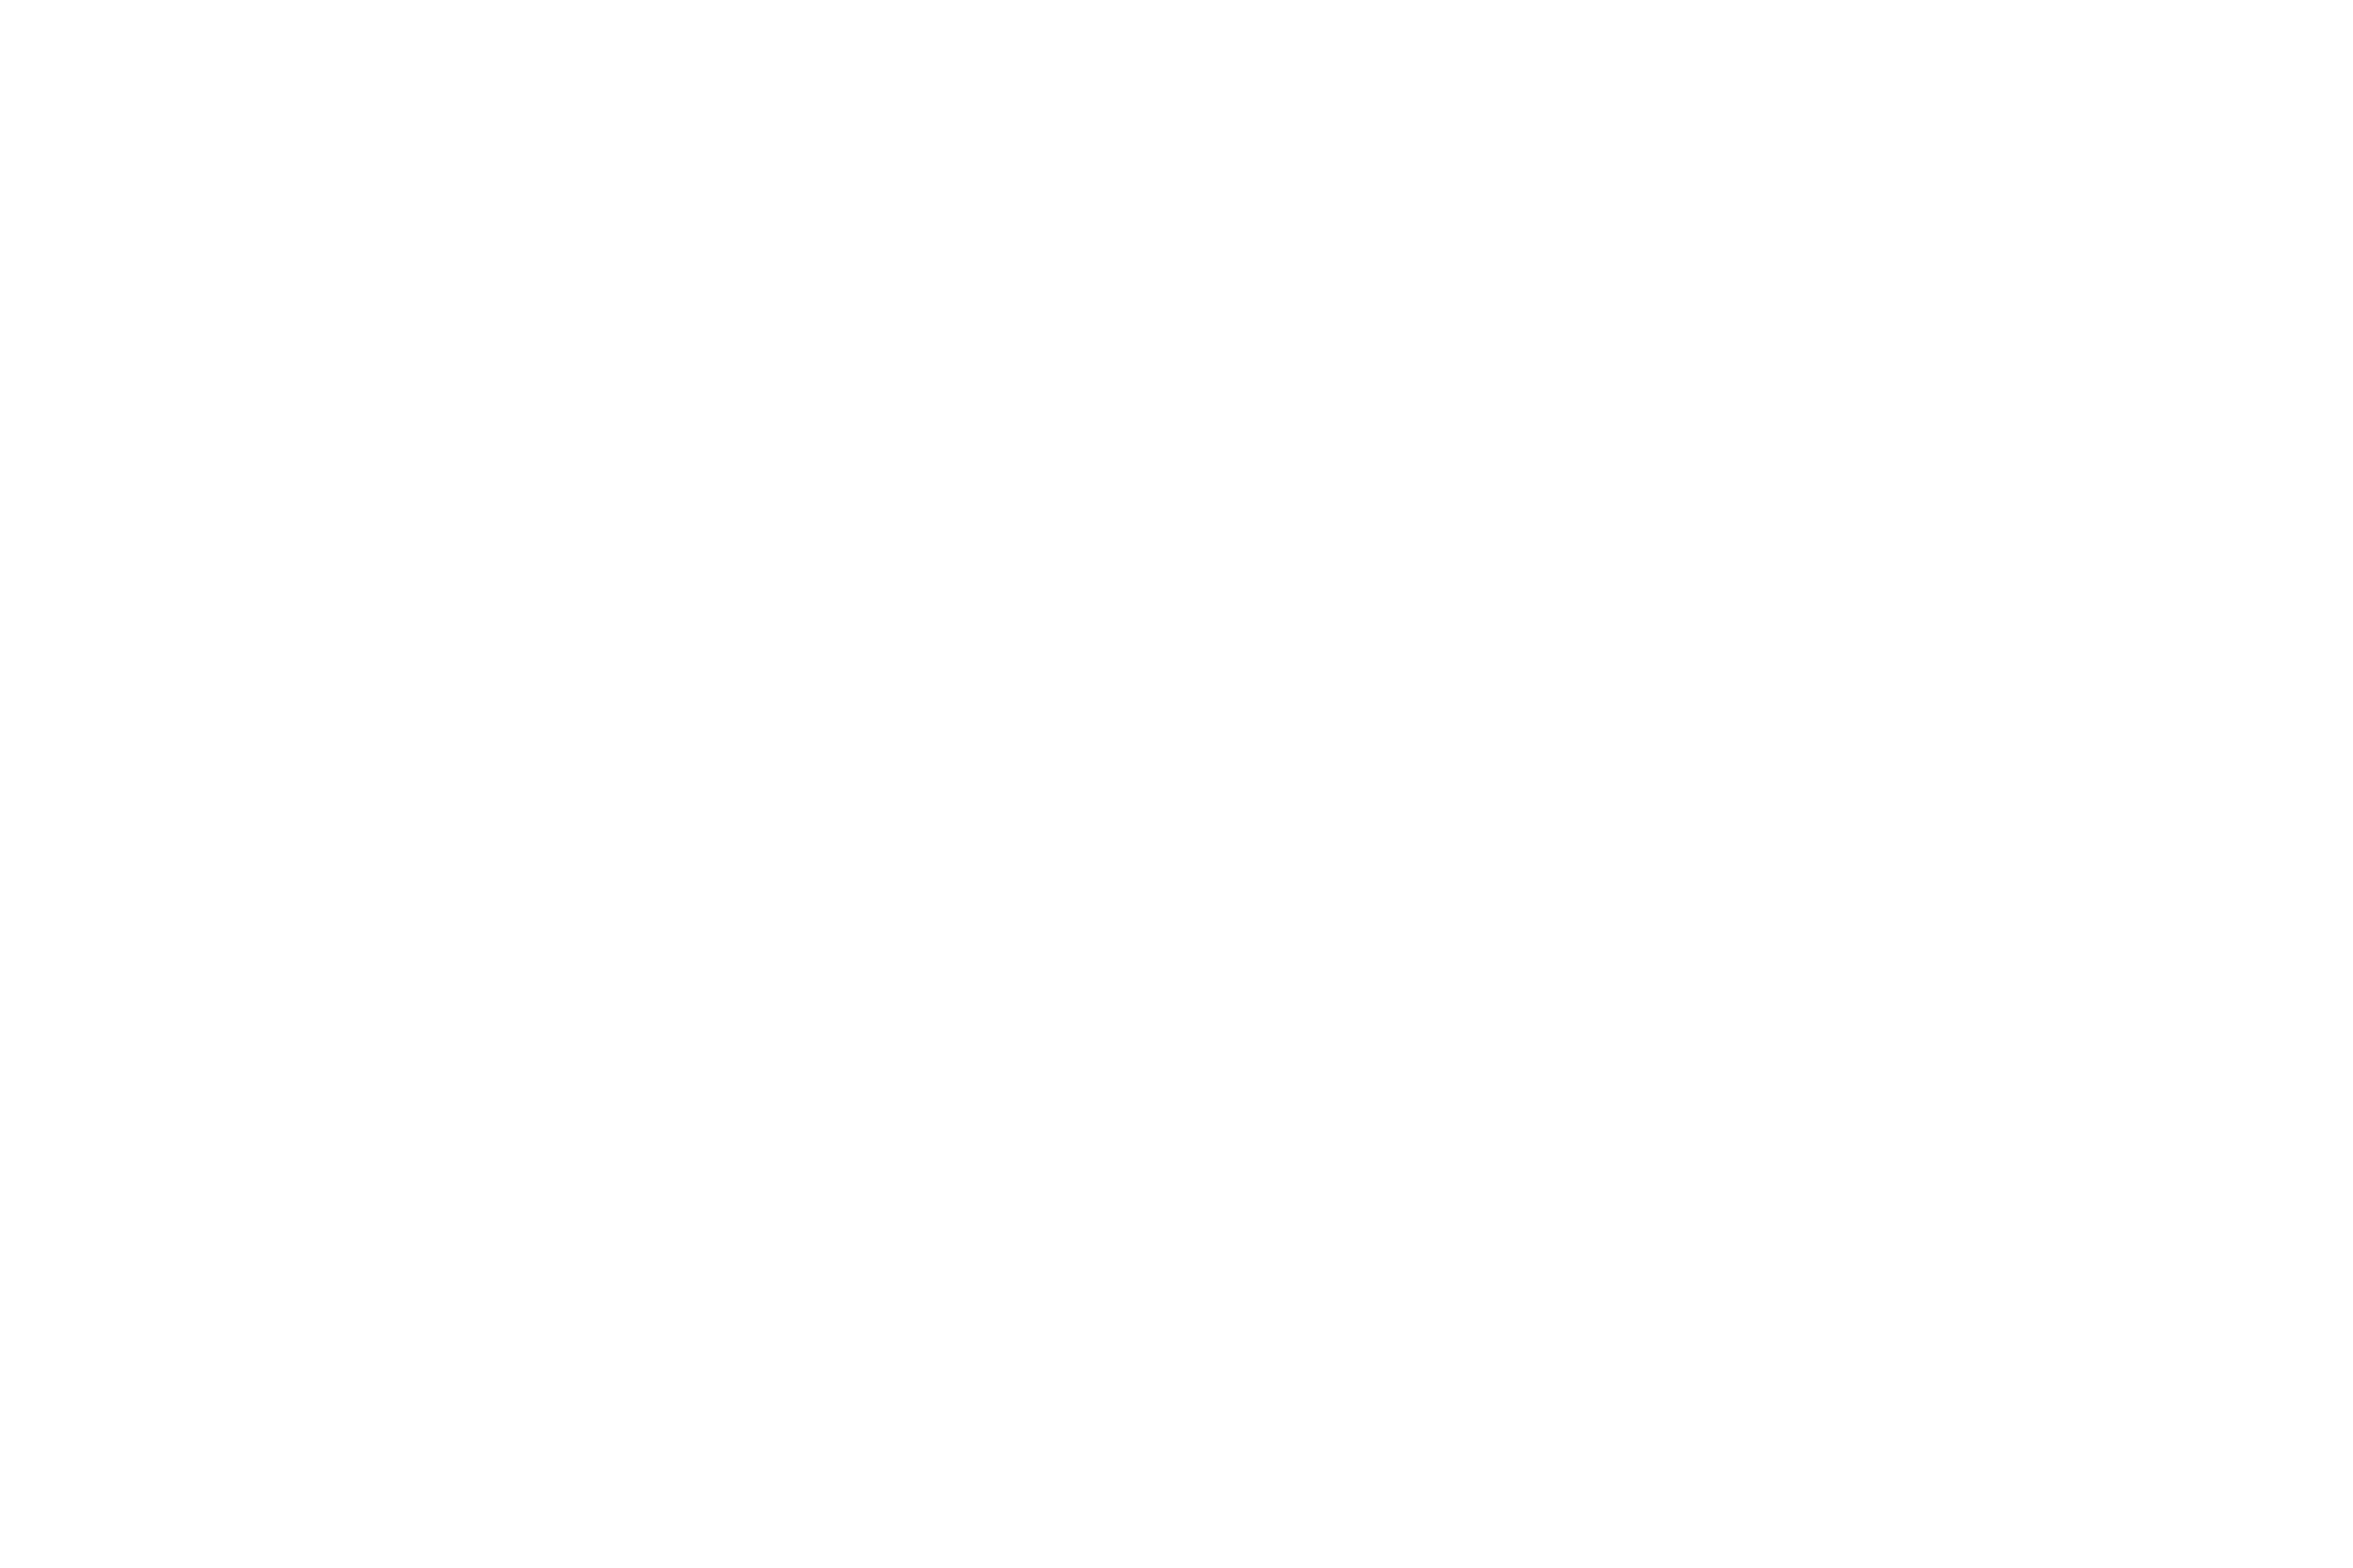 [INNOVATION] Première dans le traitement du nerf trijumeau